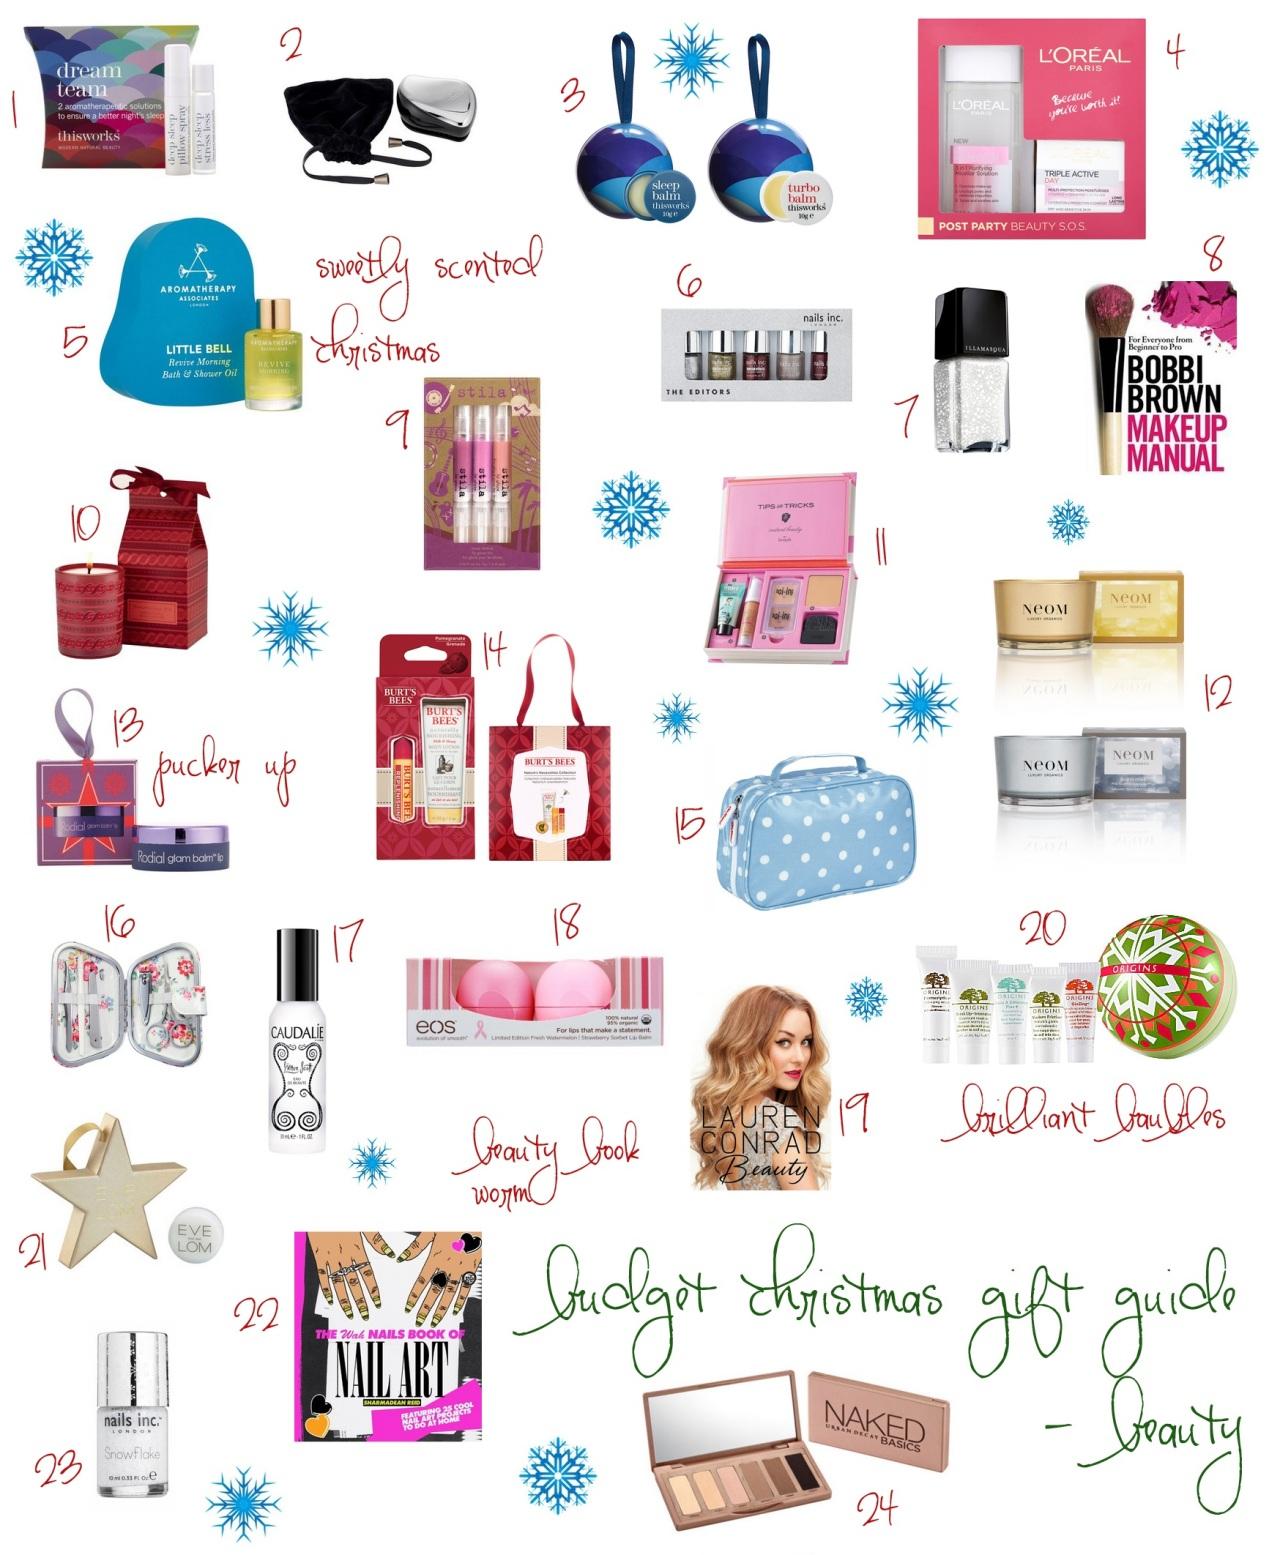 Christmas Budget Beauty